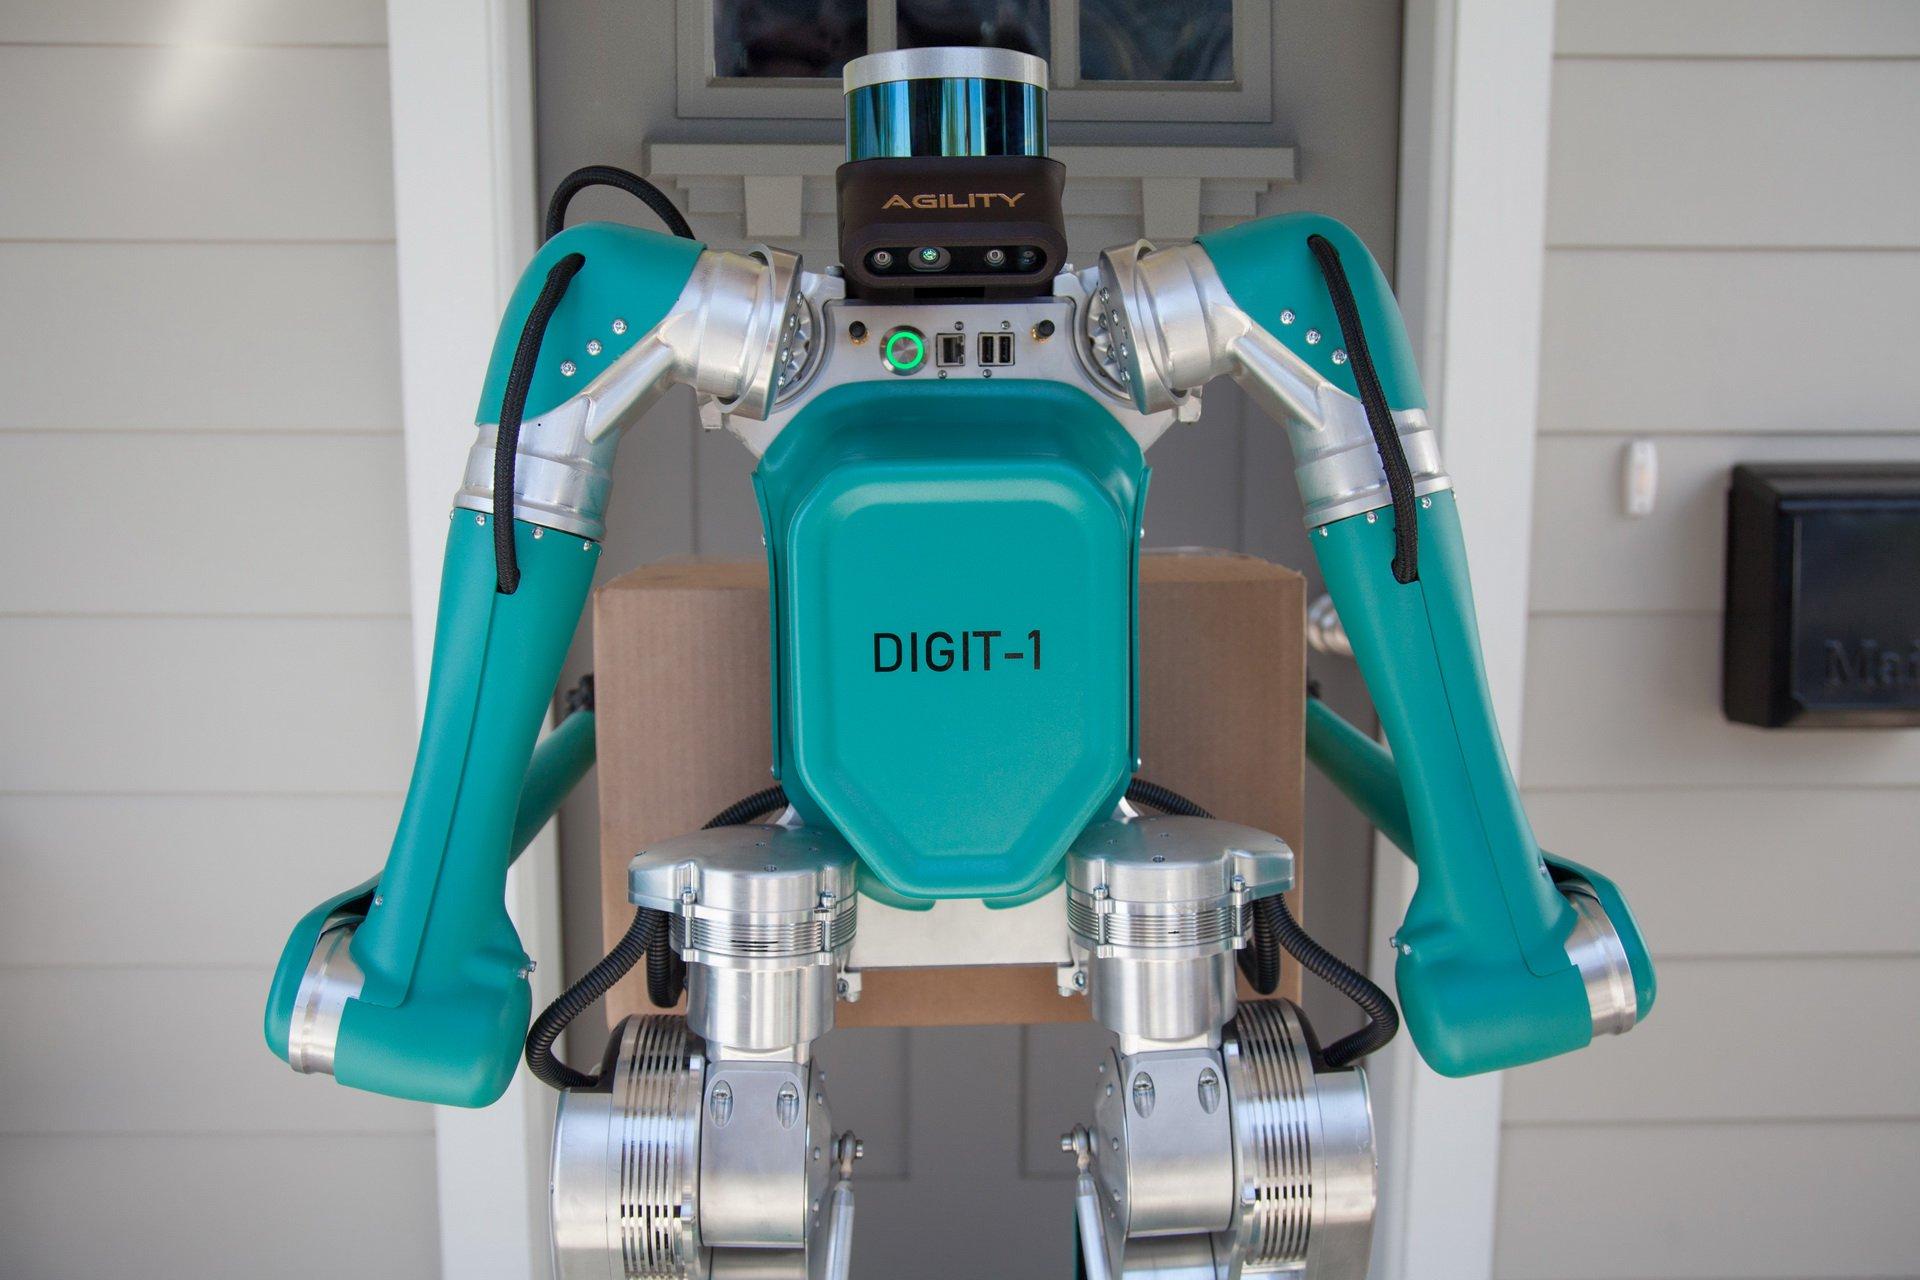 روبات دو پای فورد برای حمل و نقل پستی